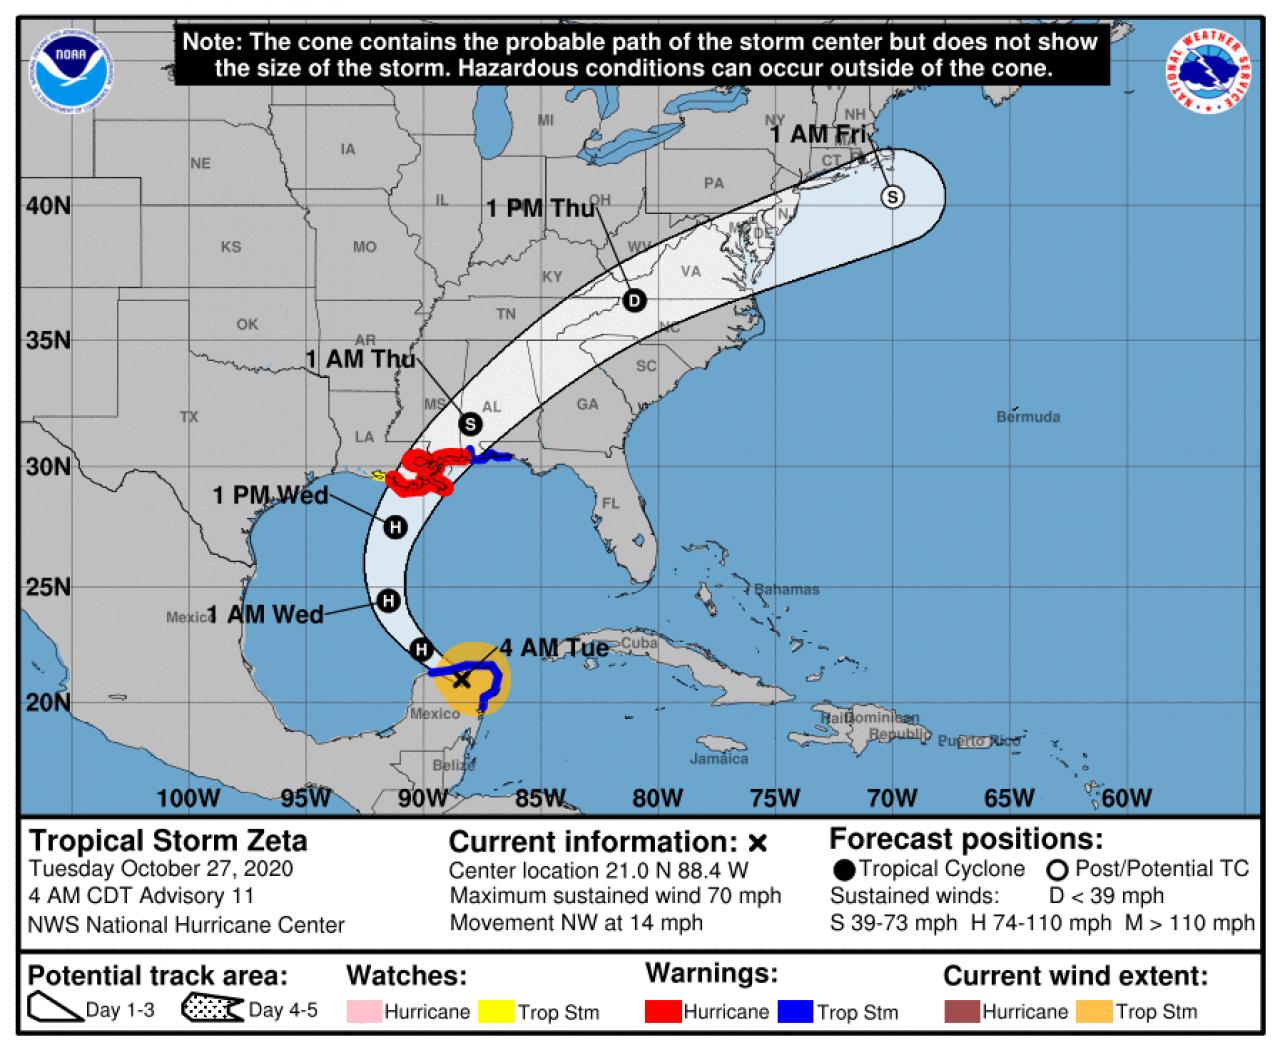 La rotta prevista dell'uragano Zeta